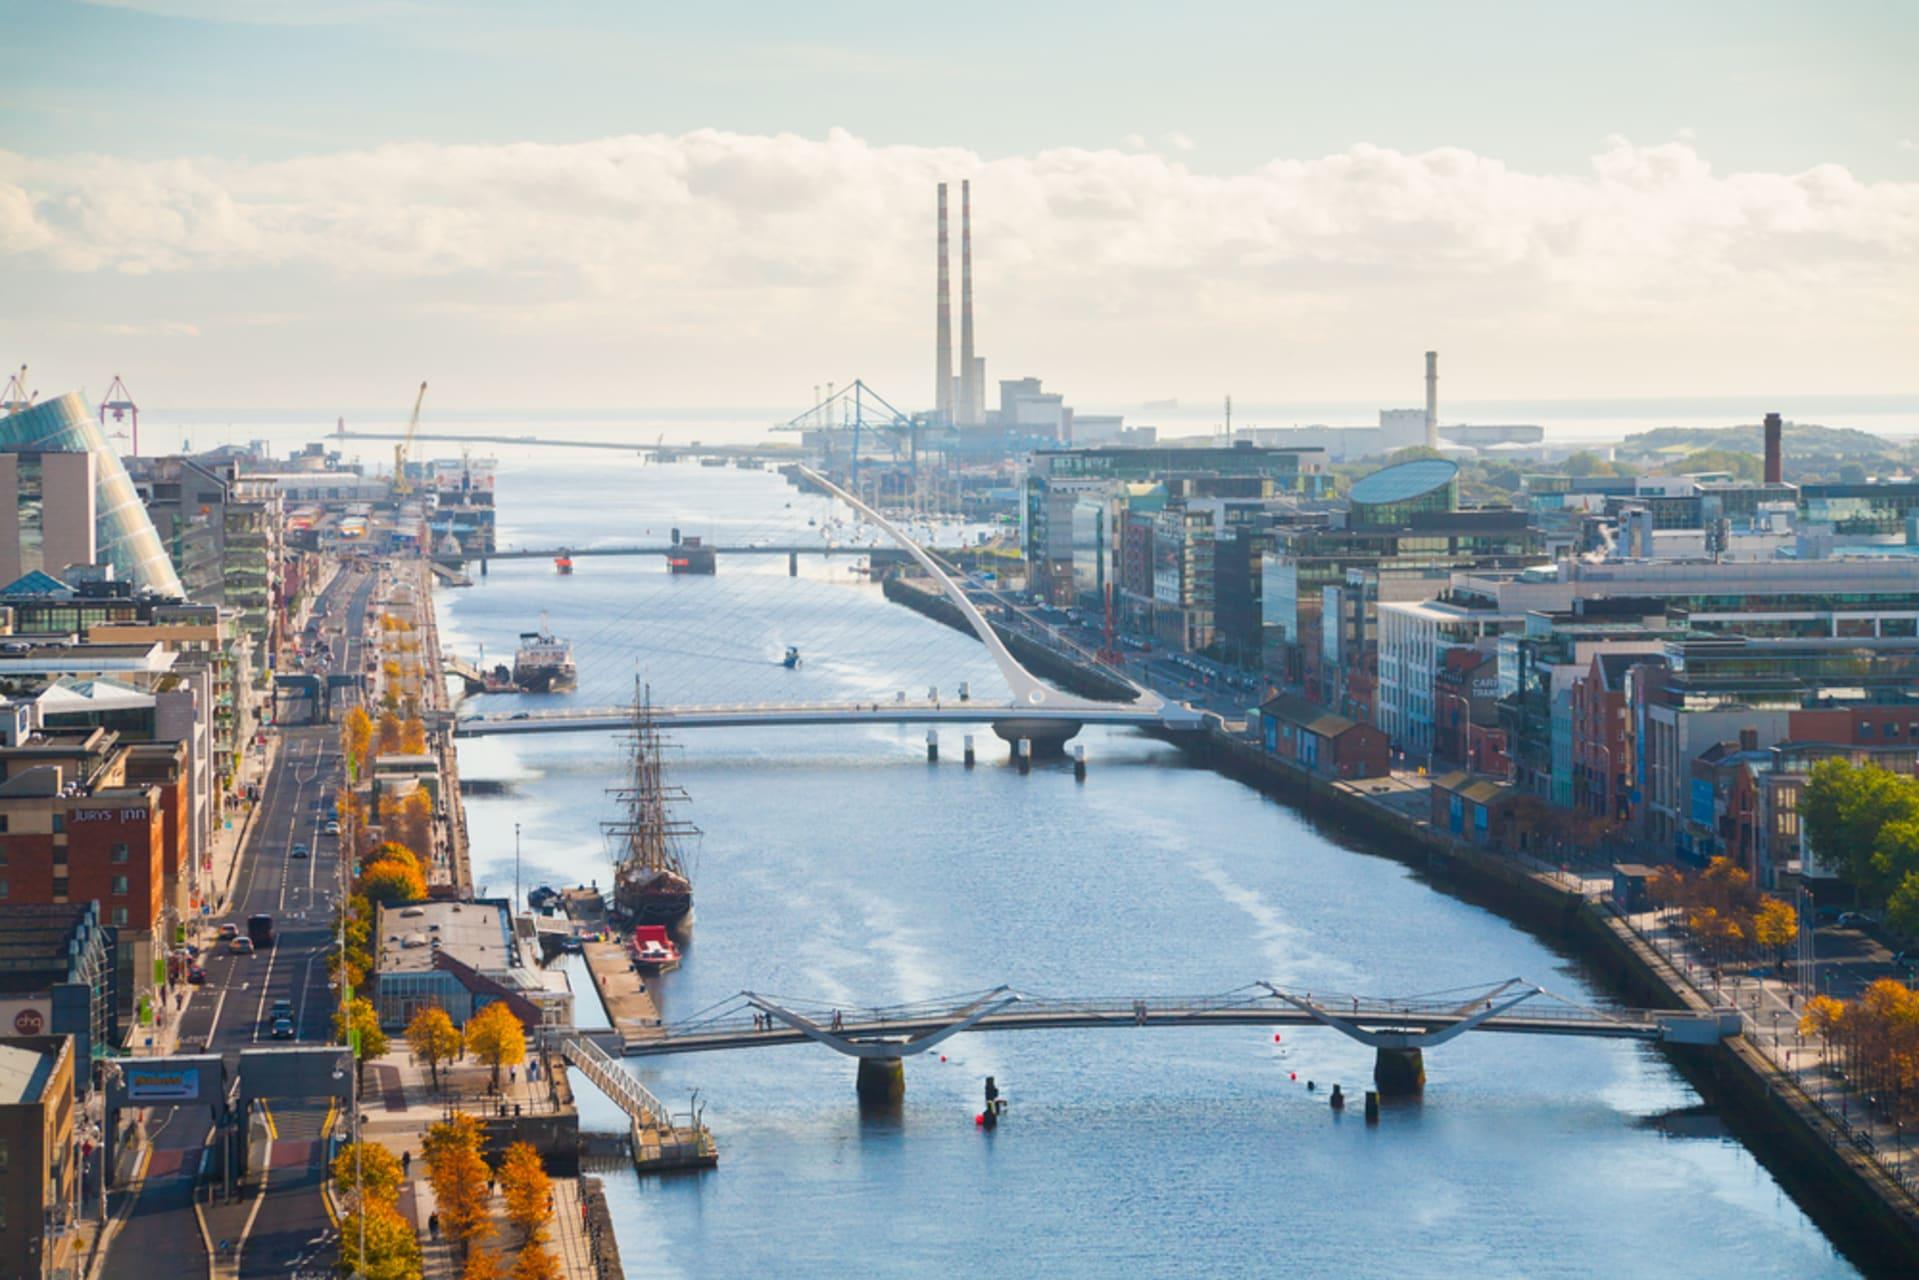 Dublin - The Bridges of Dublin